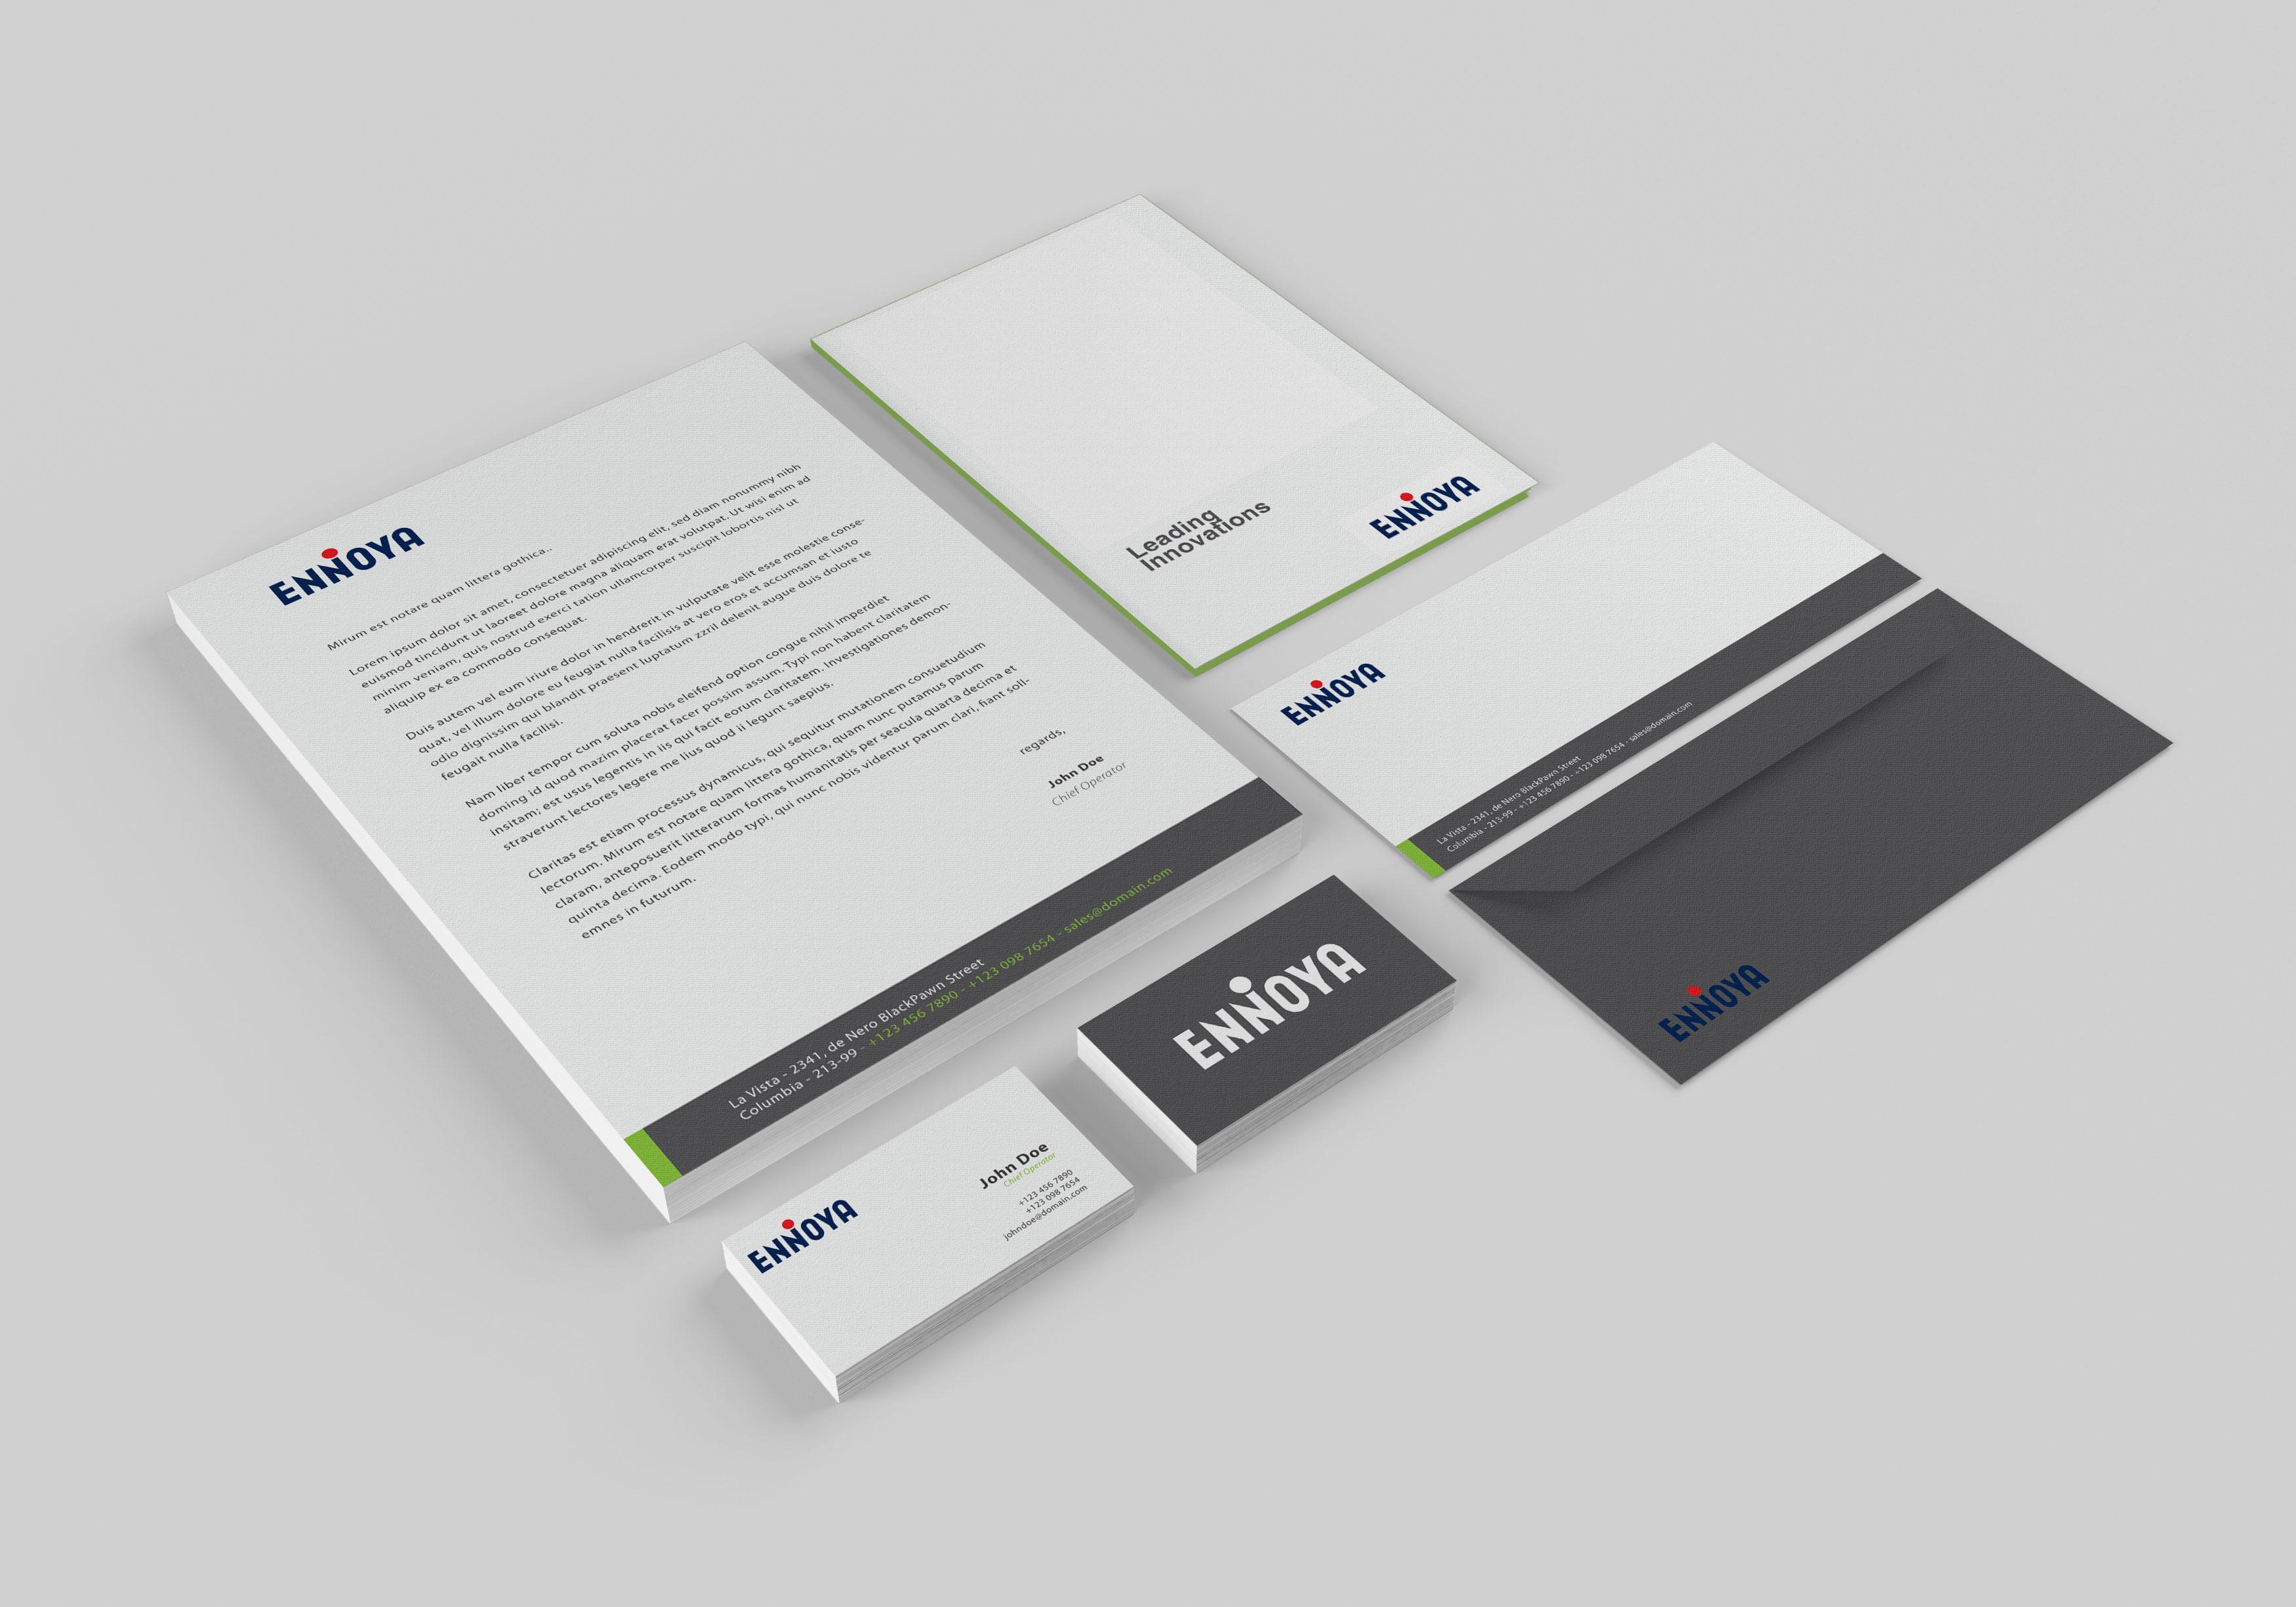 Логотип + фирменный стиль для продуктовой IT компании фото f_2005adba647bbad7.jpg